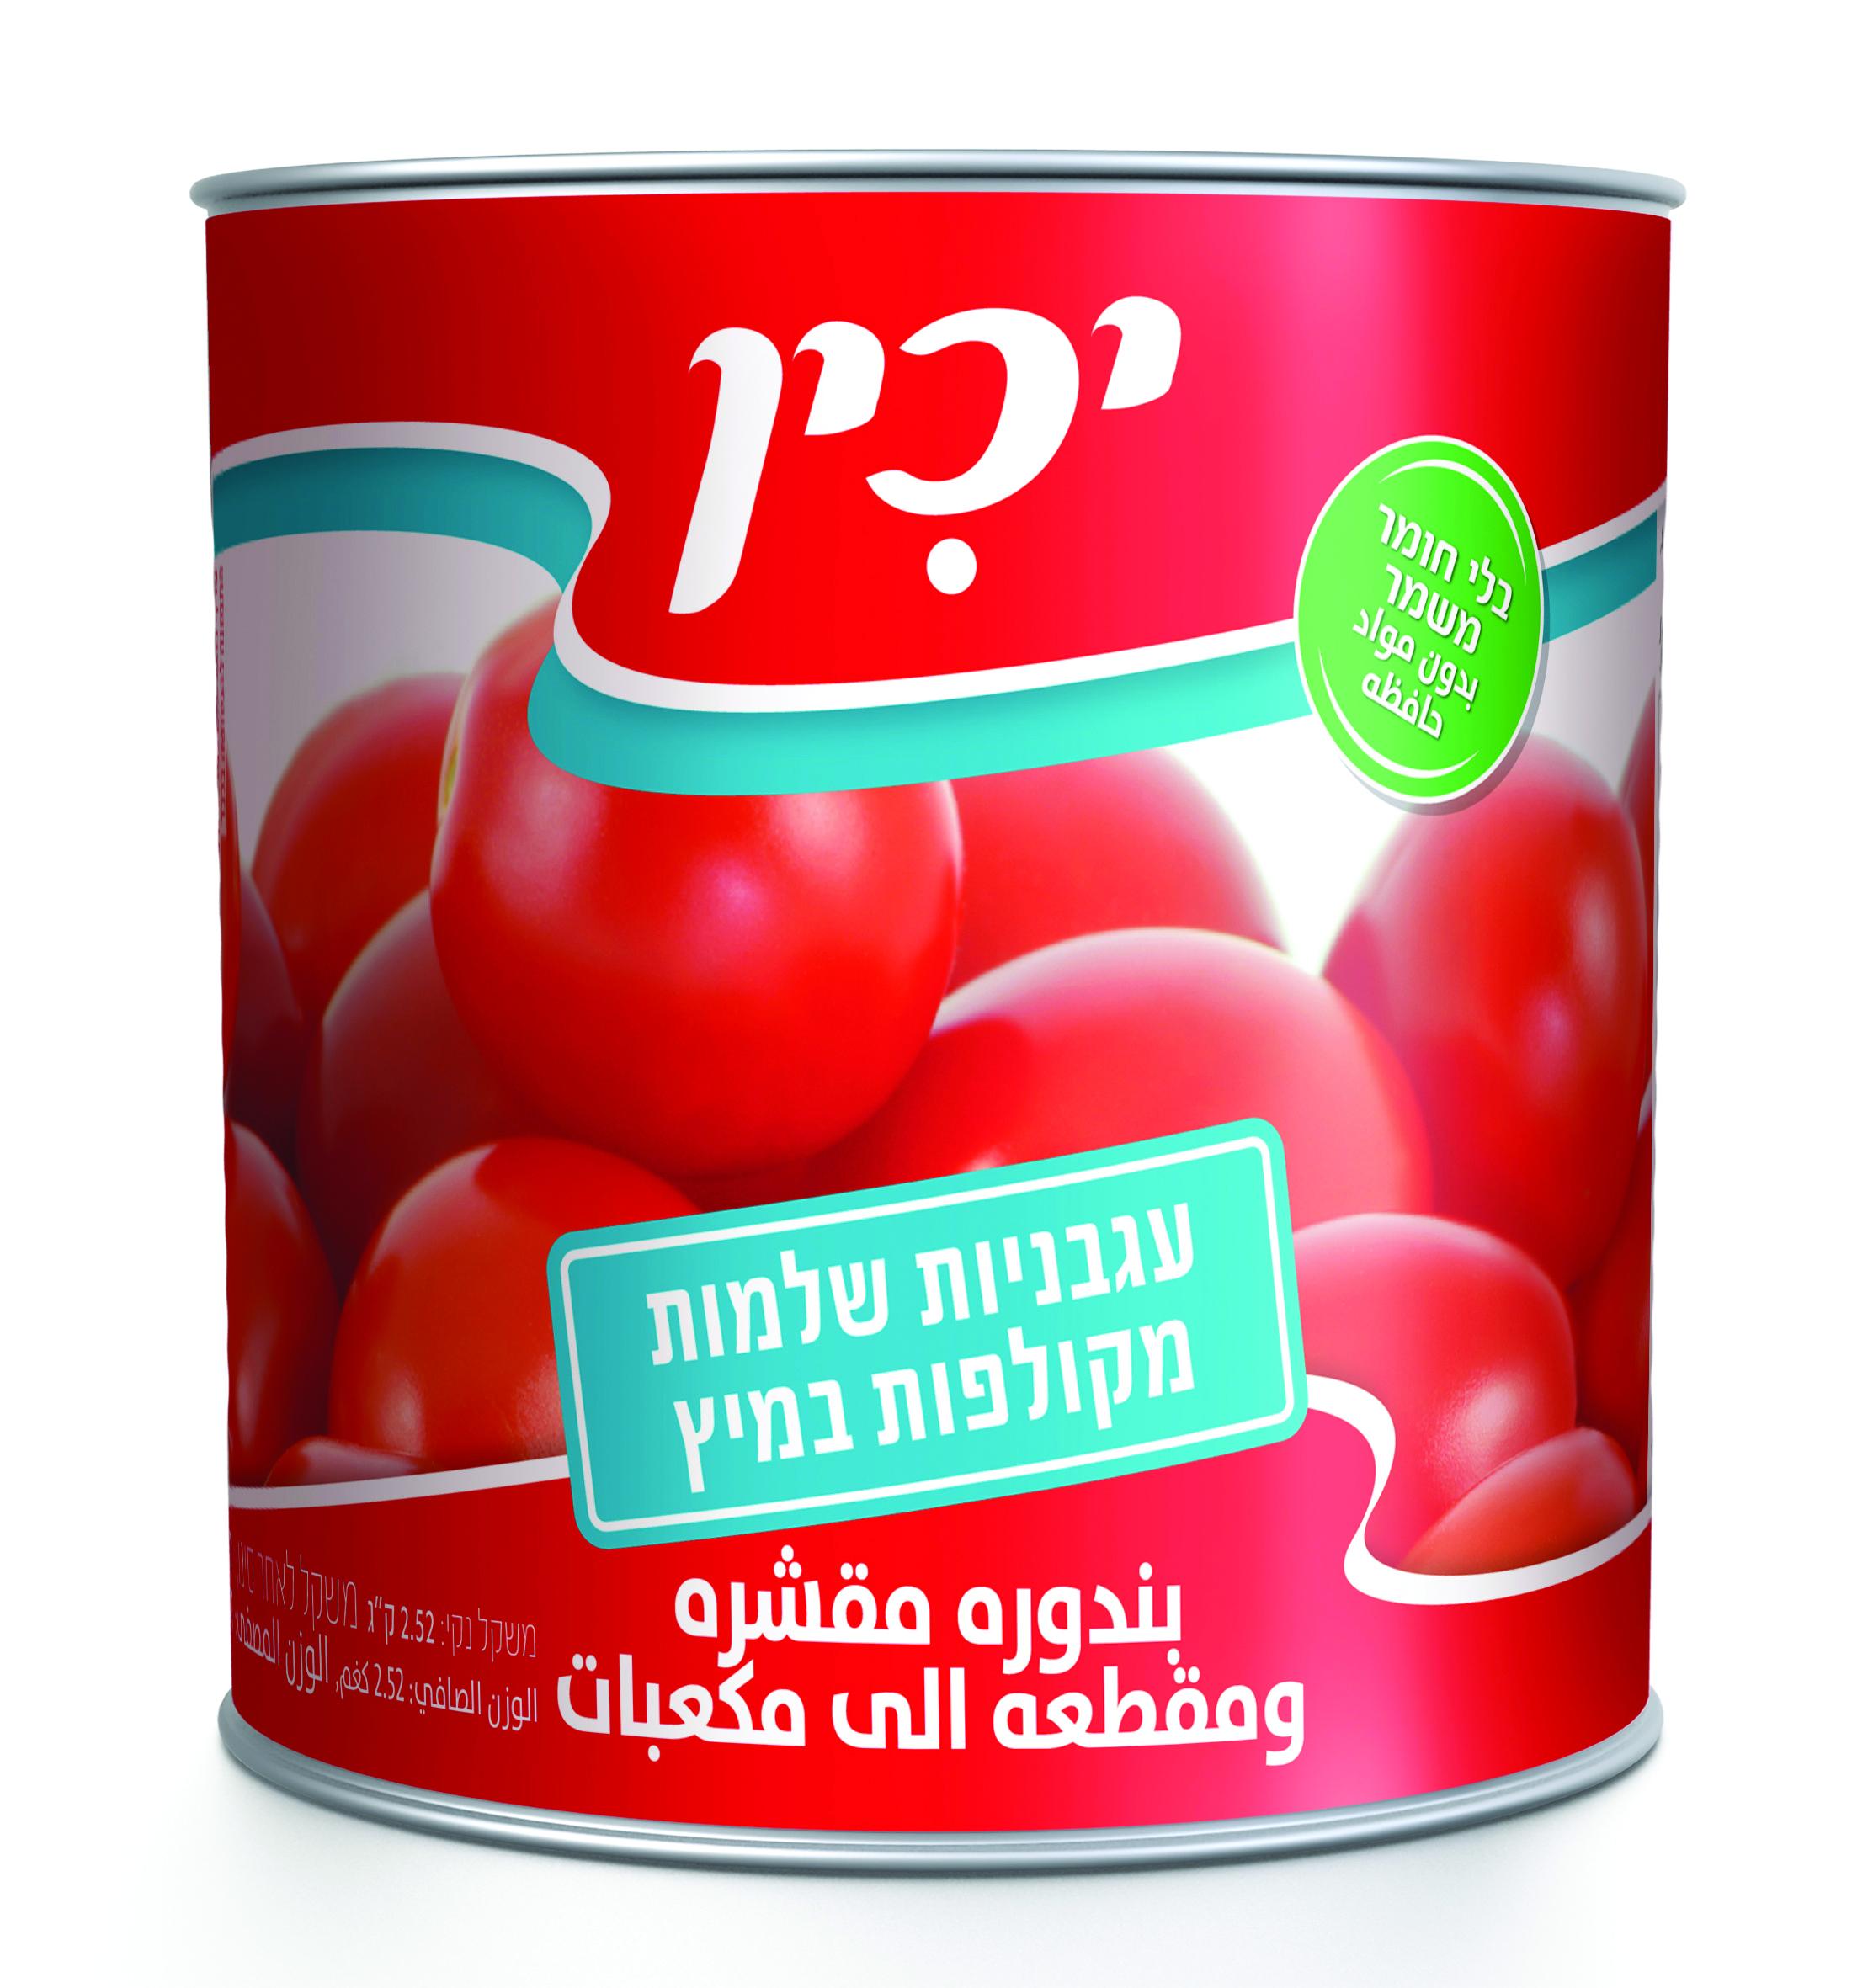 עגבניות שלמות מקולפות במיץ יכין